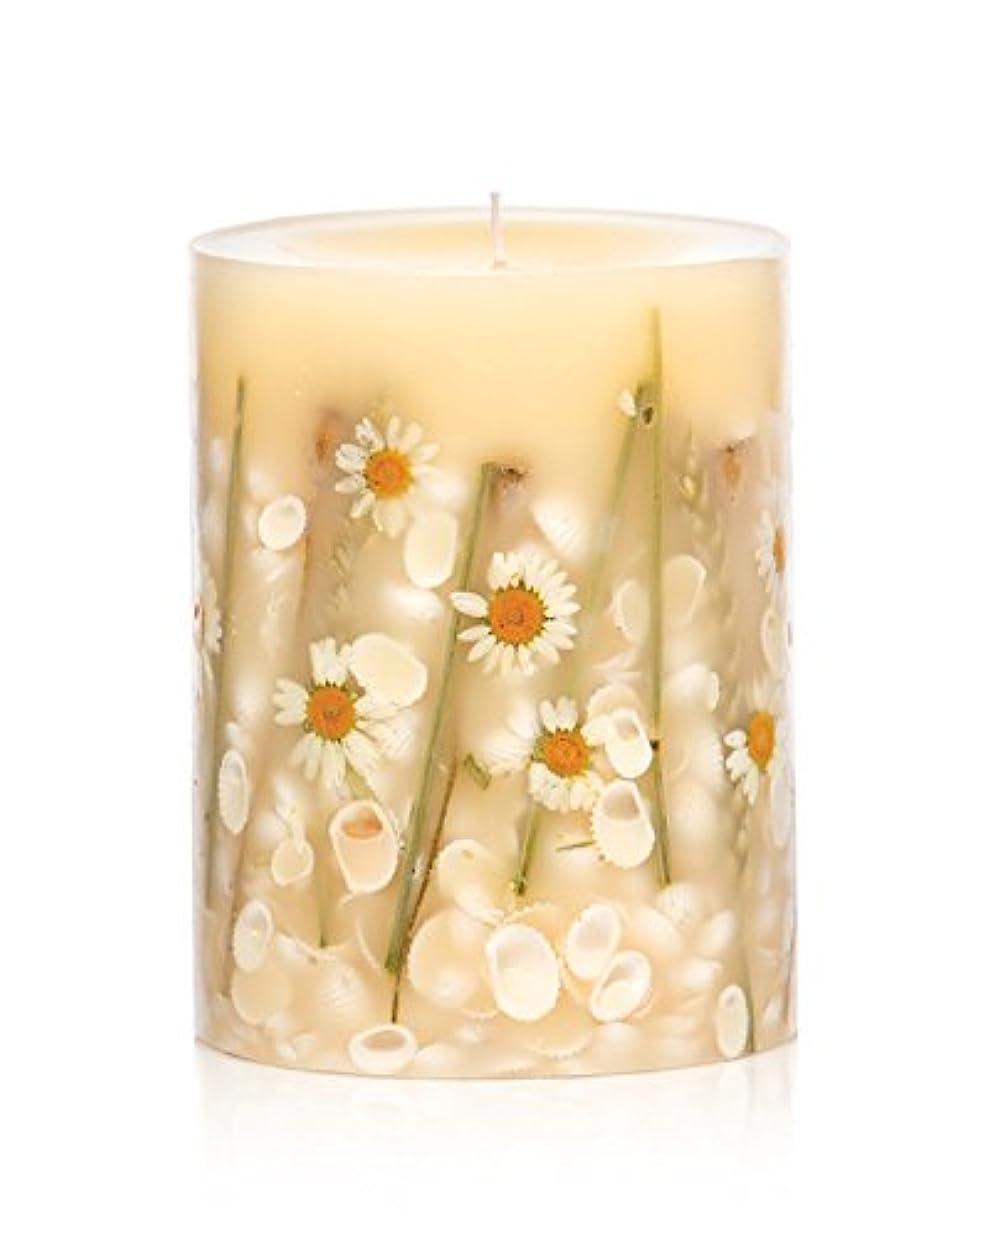 一致する必要としているカップルロージーリングス ボタニカルキャンドル ラウンド ビーチデイジー ROSY RINGS Round Botanical Candle Round – Beach Daisy